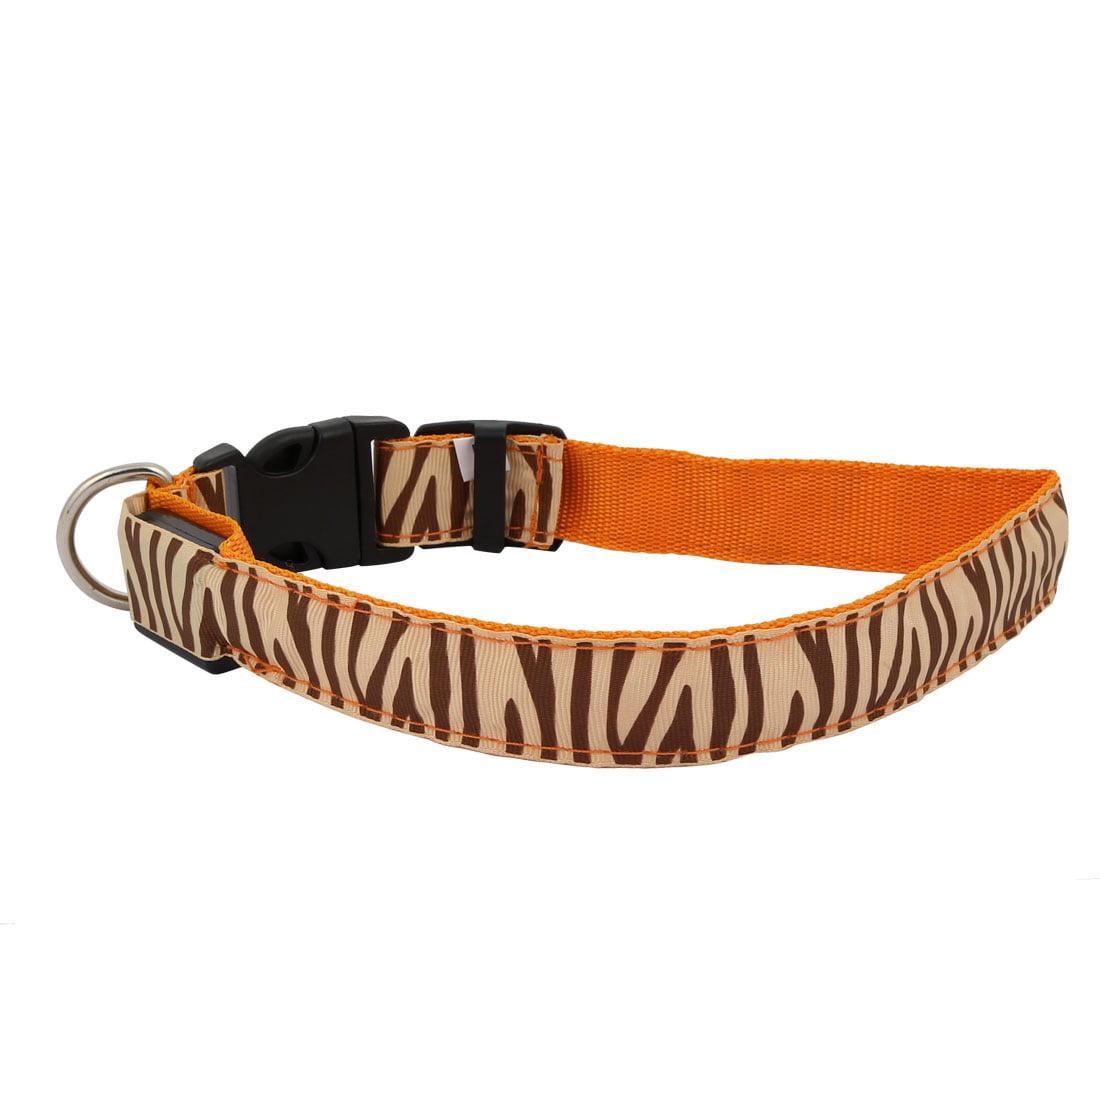 Unique Bargains Orange LED Light Flashing Zebra-Stripe XL Size Dog Neck Collar USB Rechargeable - image 7 of 7